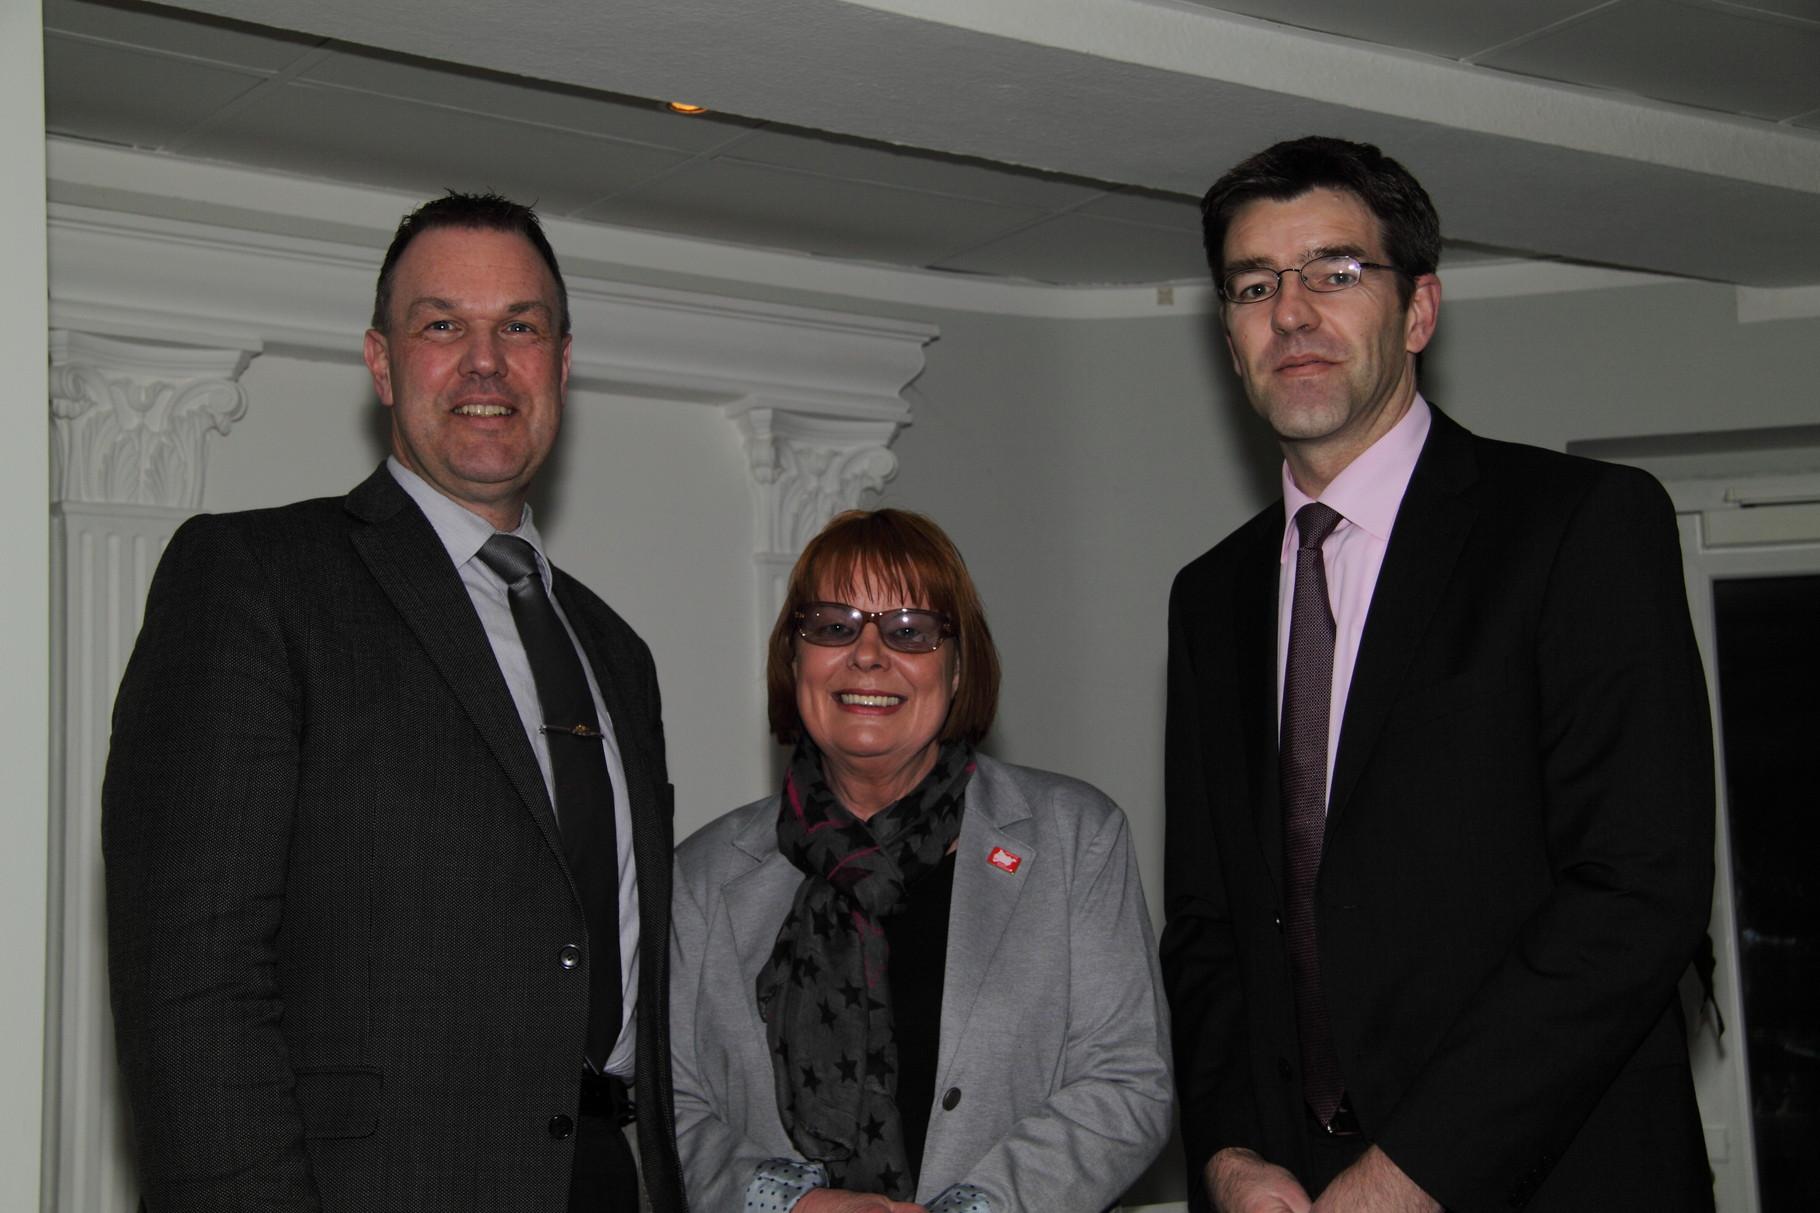 Sylvia Wenig-Karasch und Thomas Grambow begrüßen die Gäste - Stefan Behnke von der Sparkasse Harburg-Buxtehude ...